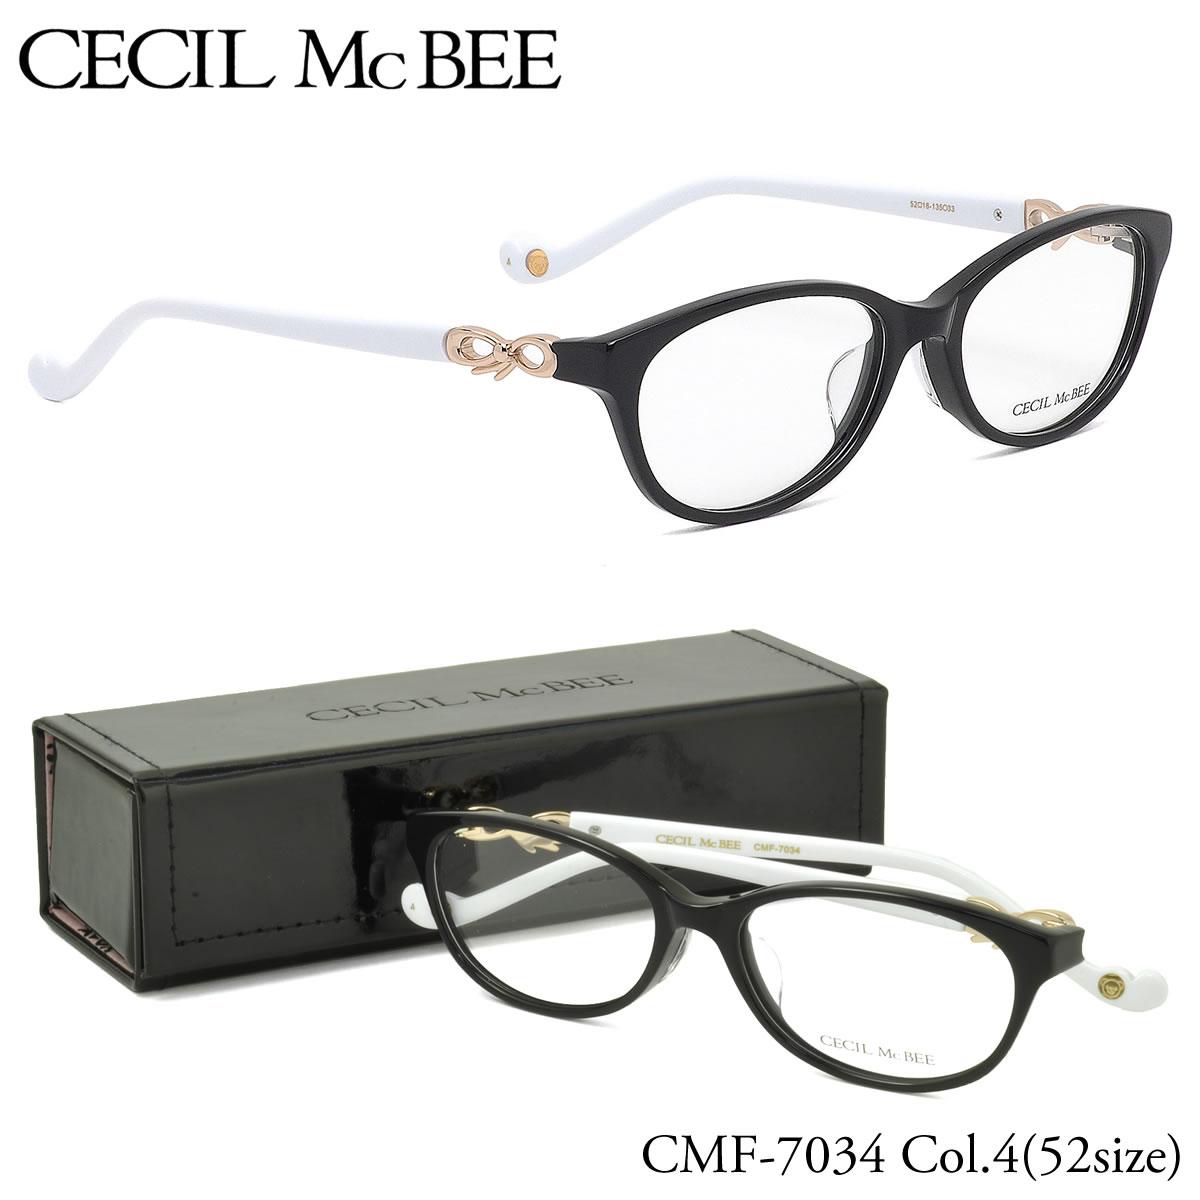 ポイント最大42倍!!お得なクーポンも !! 【セシルマクビー】 (CECIL McBEE) メガネCMF7034 4 52サイズスクエア 伊達メガネ 度付き 度数付きCECILMcBEE レディース